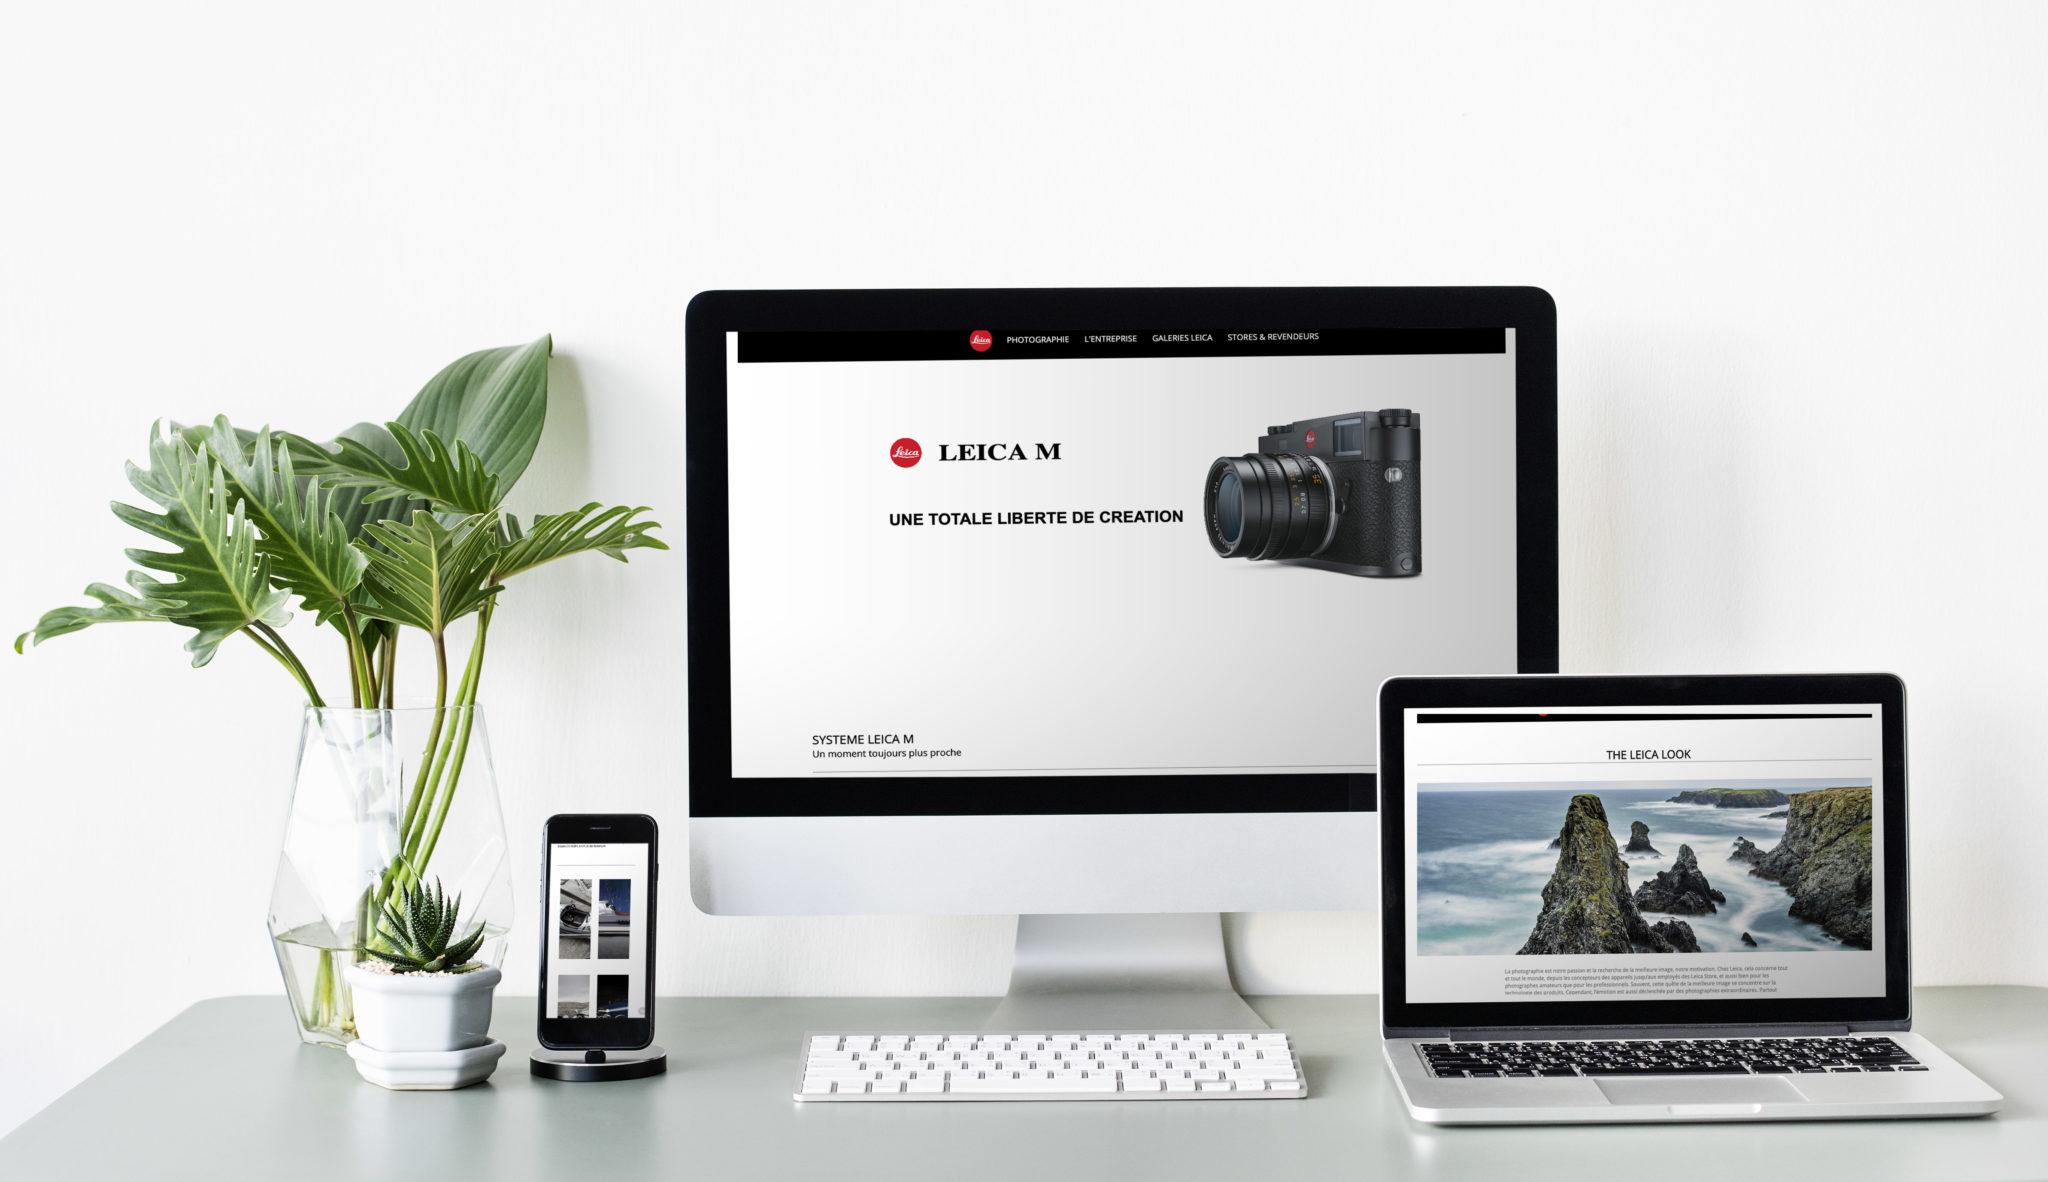 Travail d'inspiration en html/css sur le matériel Leica  https://www.etiennedeleplanque.fr/leica/